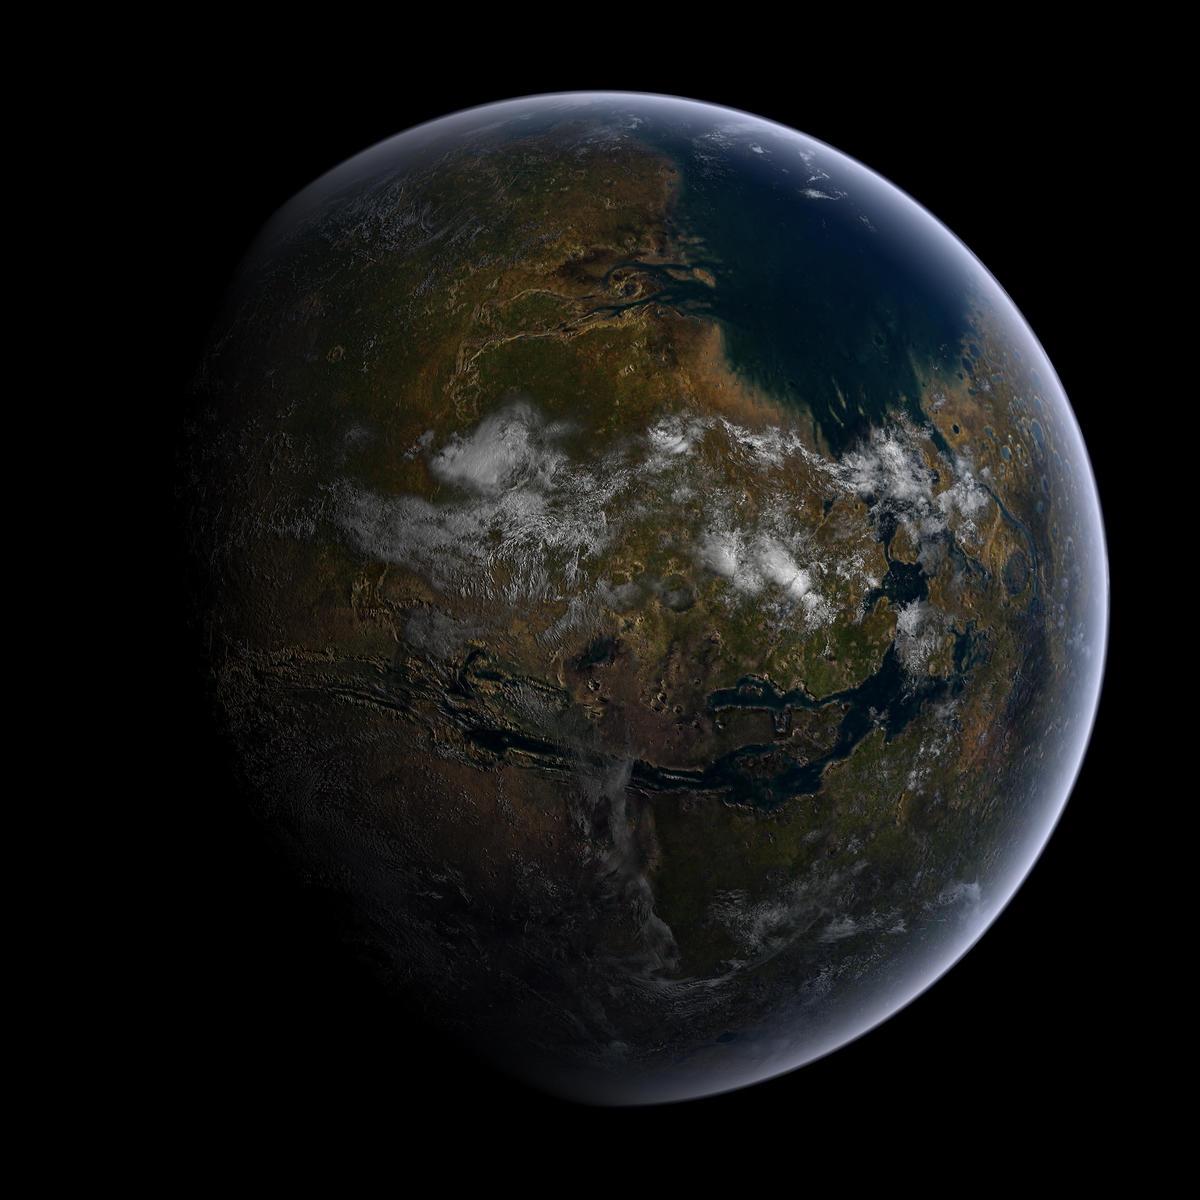 Mars Terraforming: Just Add Water By Hoevelkamp On DeviantArt